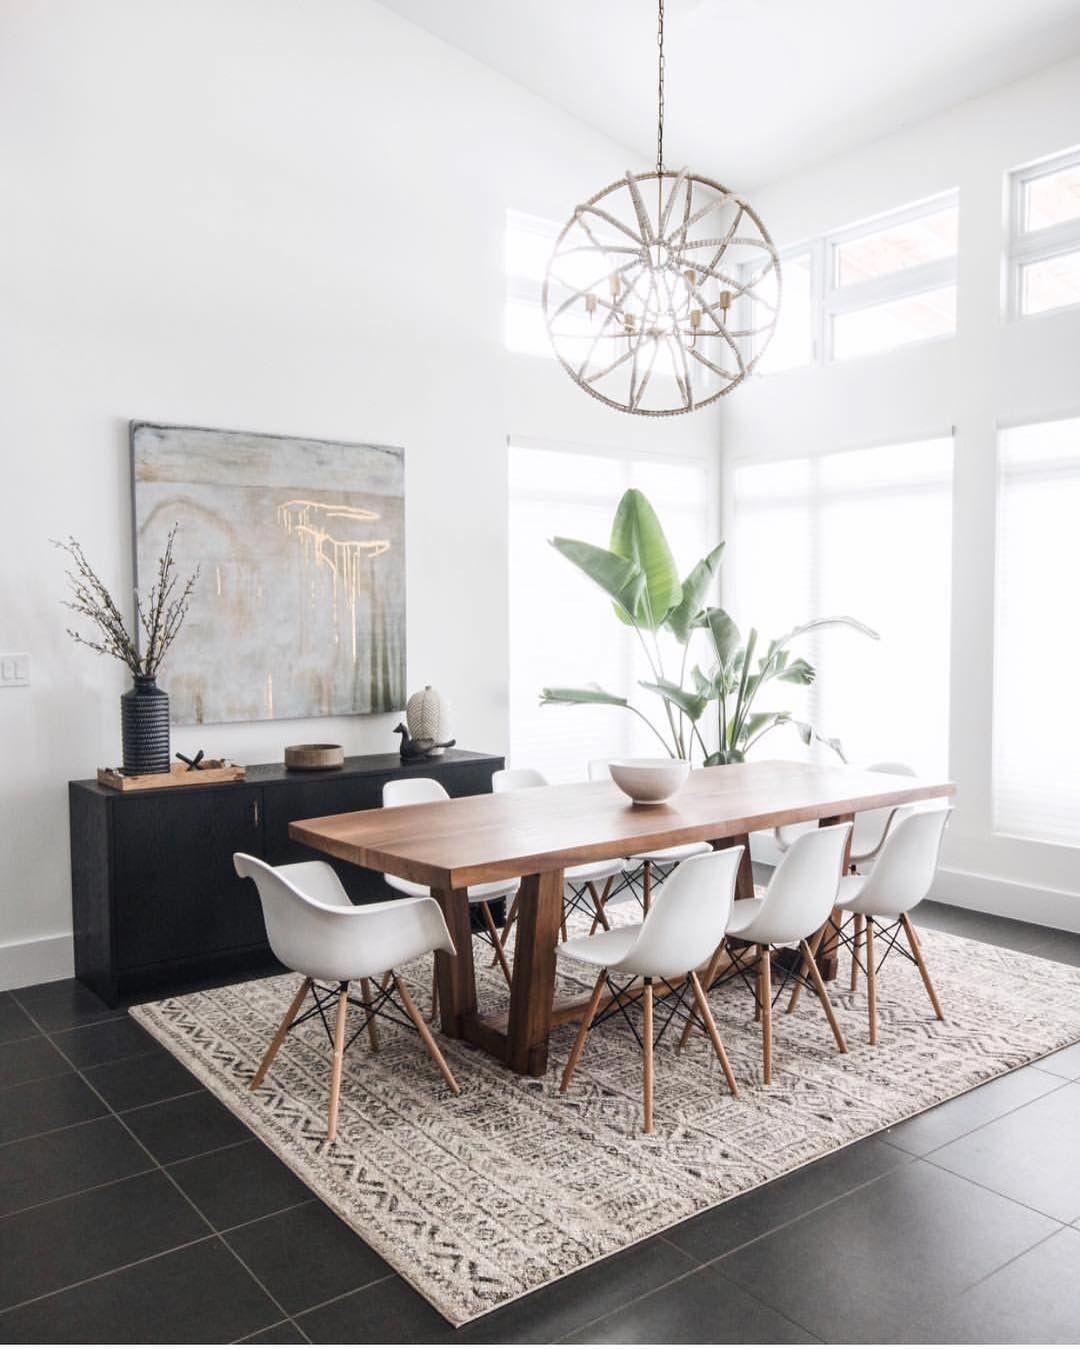 Blanco Interiores: As Salas De Jantar Estão Tão Mais